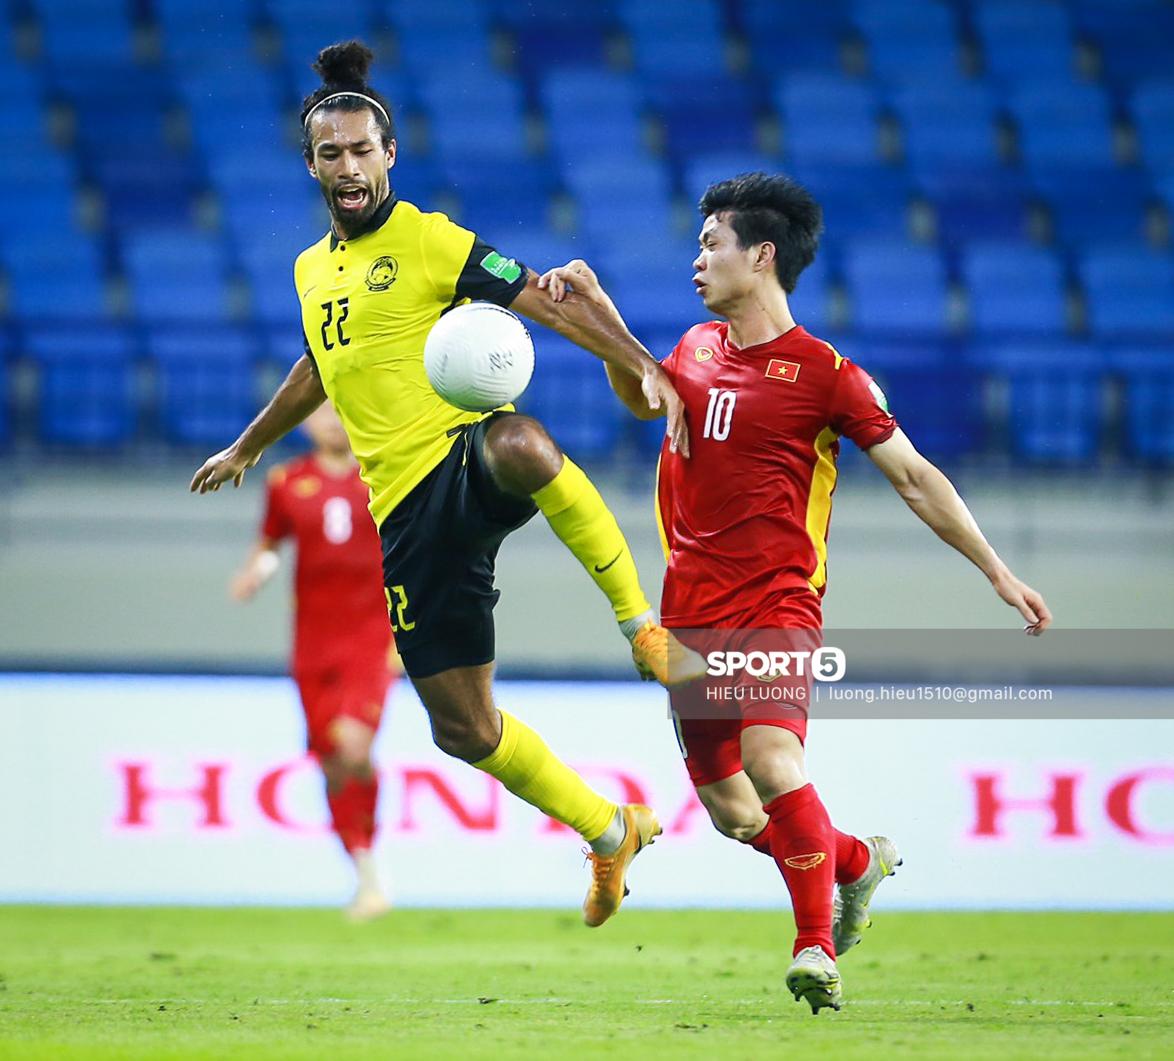 Chùm ảnh tuyển Việt Nam hân hoan với niềm vui chiến thắng Malaysia - ảnh 5